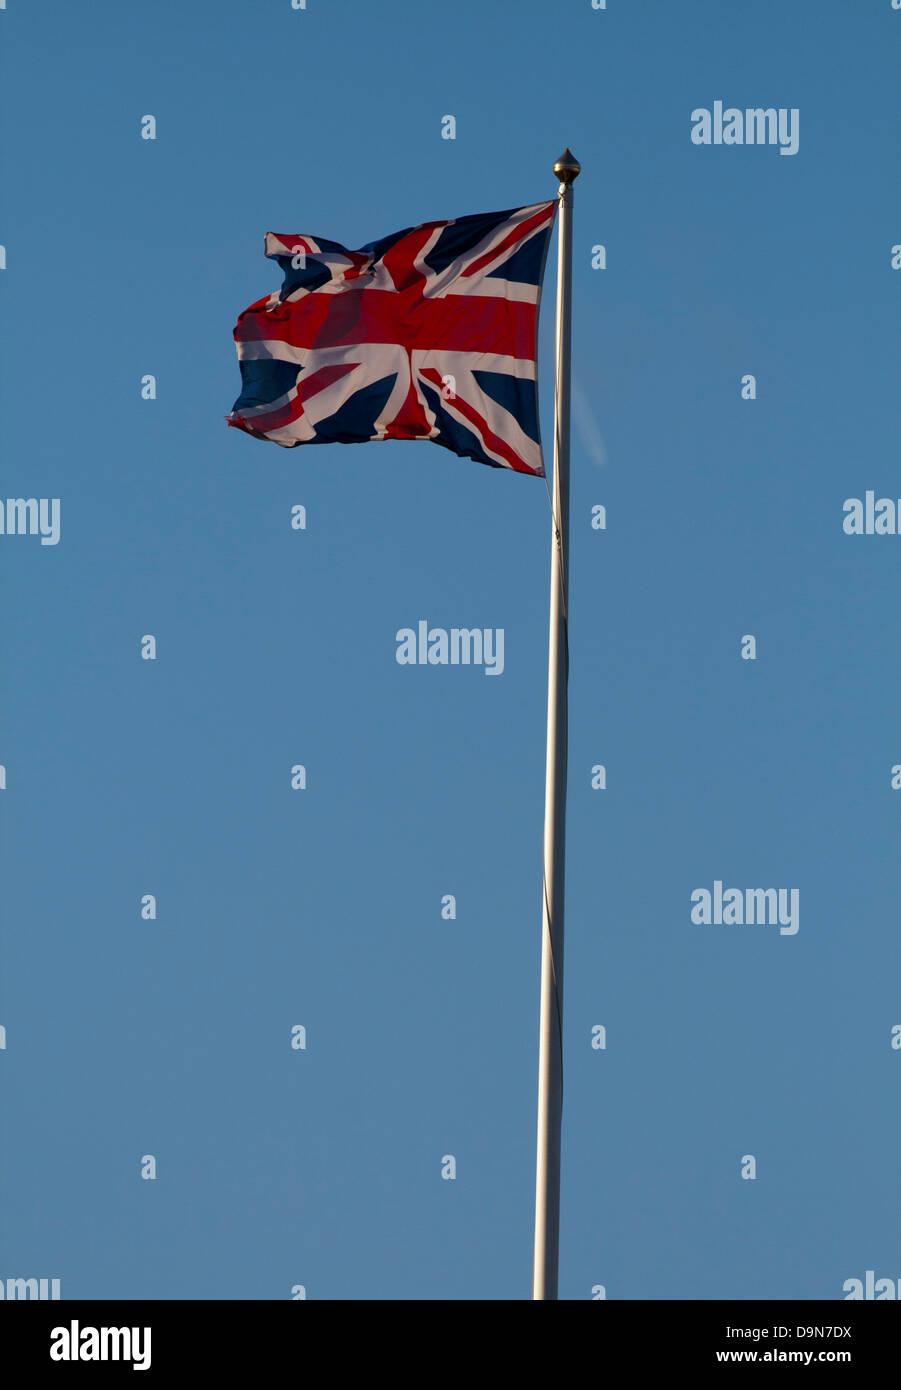 Union Jack on flagpole - Stock Image